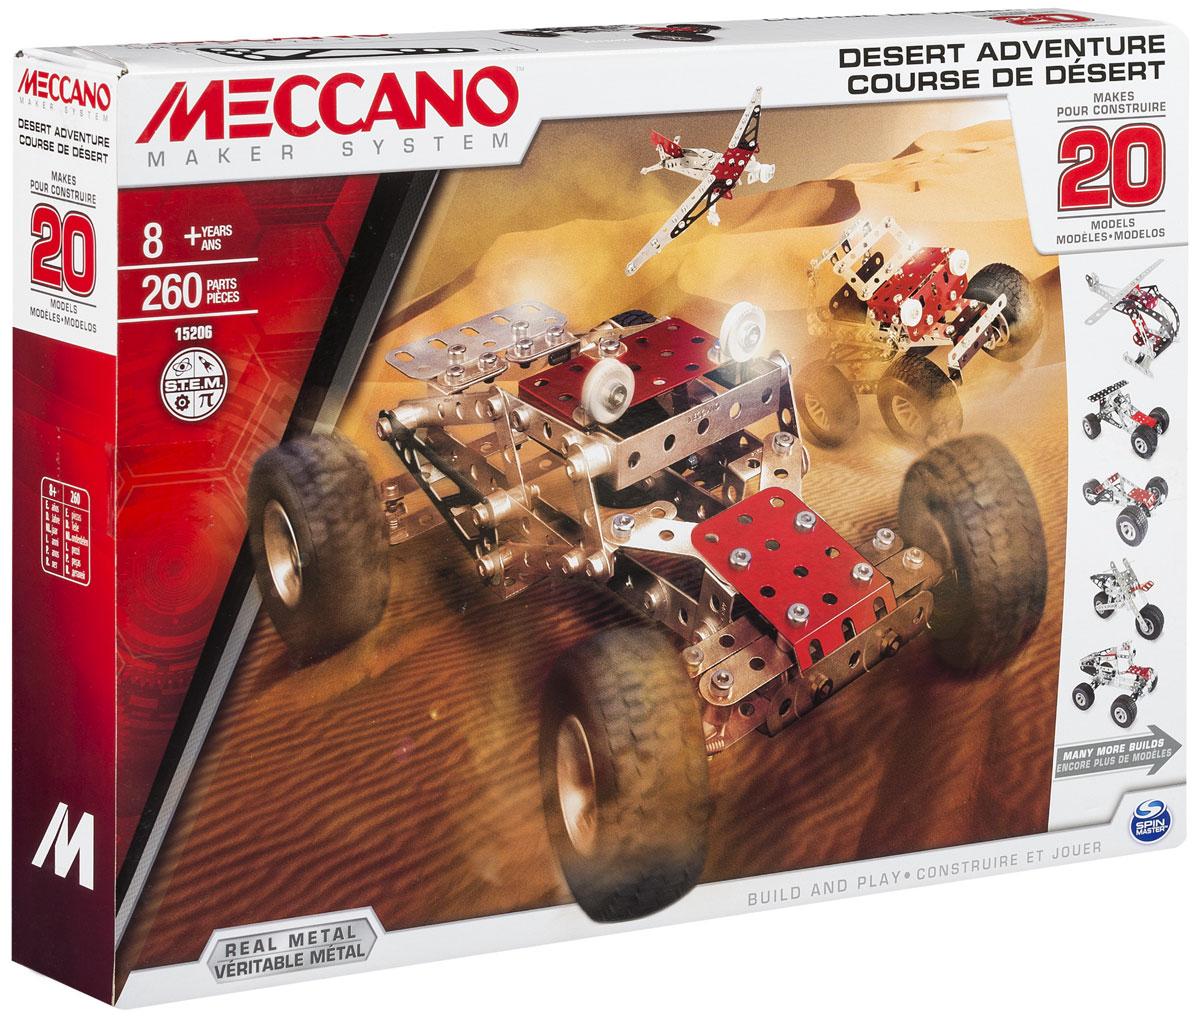 Meccano Конструктор Приключение в пустыне 20 в 191775Конструктор Meccano Приключение в пустыне позволит вашему ребенку весело и с пользой провести время. Набор включает в себя 263 детали из металла, пластика и резины, с помощью которых можно собрать 20 разных моделей, от мотоцикла до самолета! В набор также входят все необходимые для сборки инструменты и инструкция. Конструктор Meccano Приключение в пустыне поможет ребенку развить мелкую моторику рук, координацию движений и усидчивость.